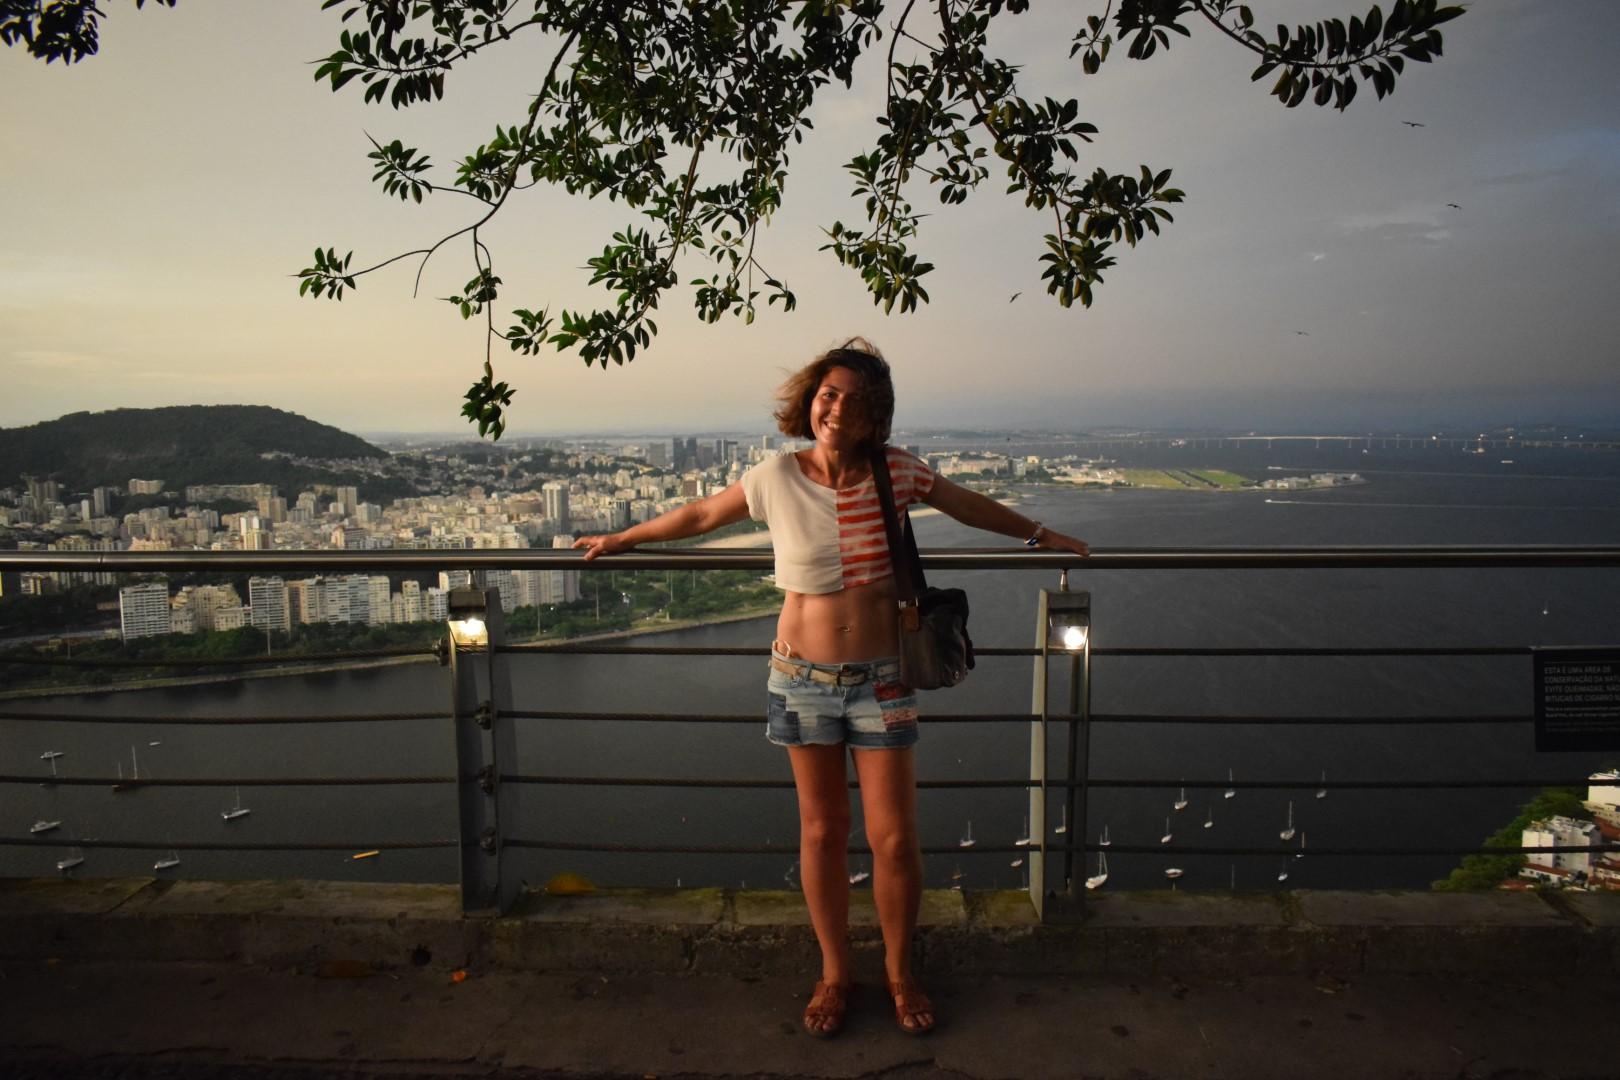 Pão de Açúcar, Morro da Urca, Rio de Janeiro